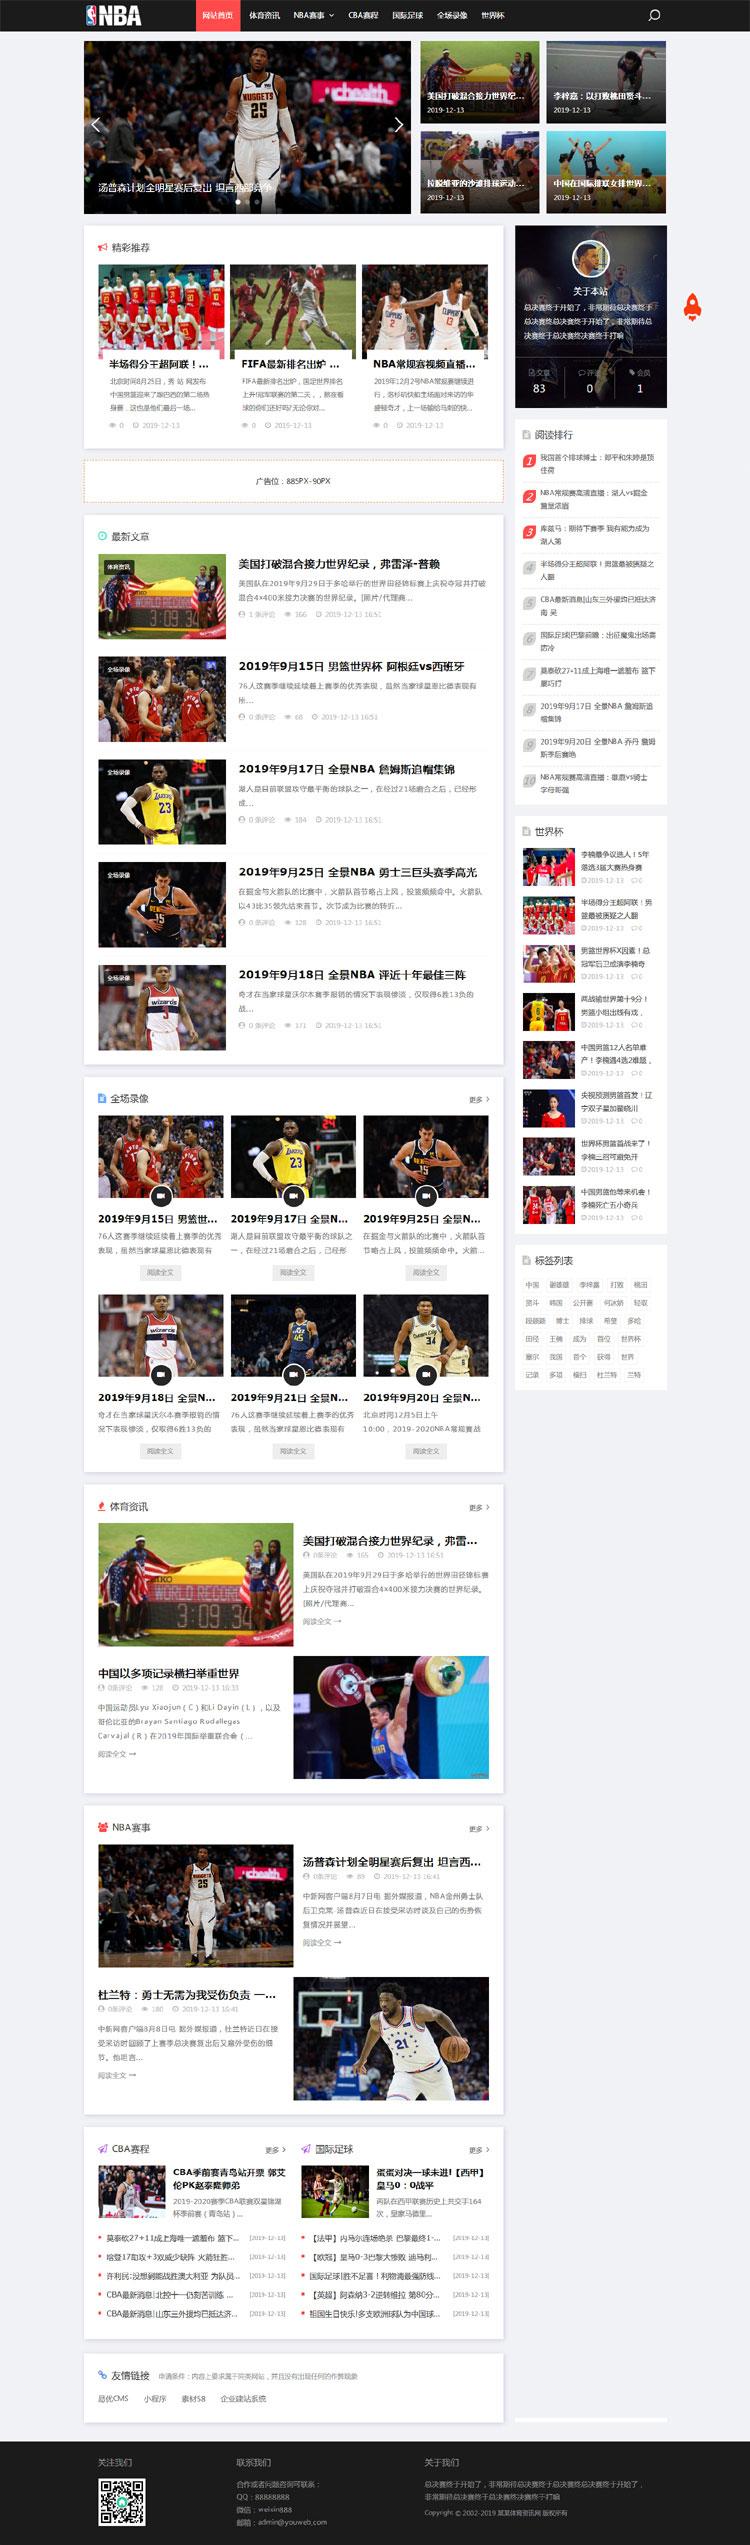 织梦响应式NBA体育赛事新闻资讯网站源码 自适应手机端模板 第1张